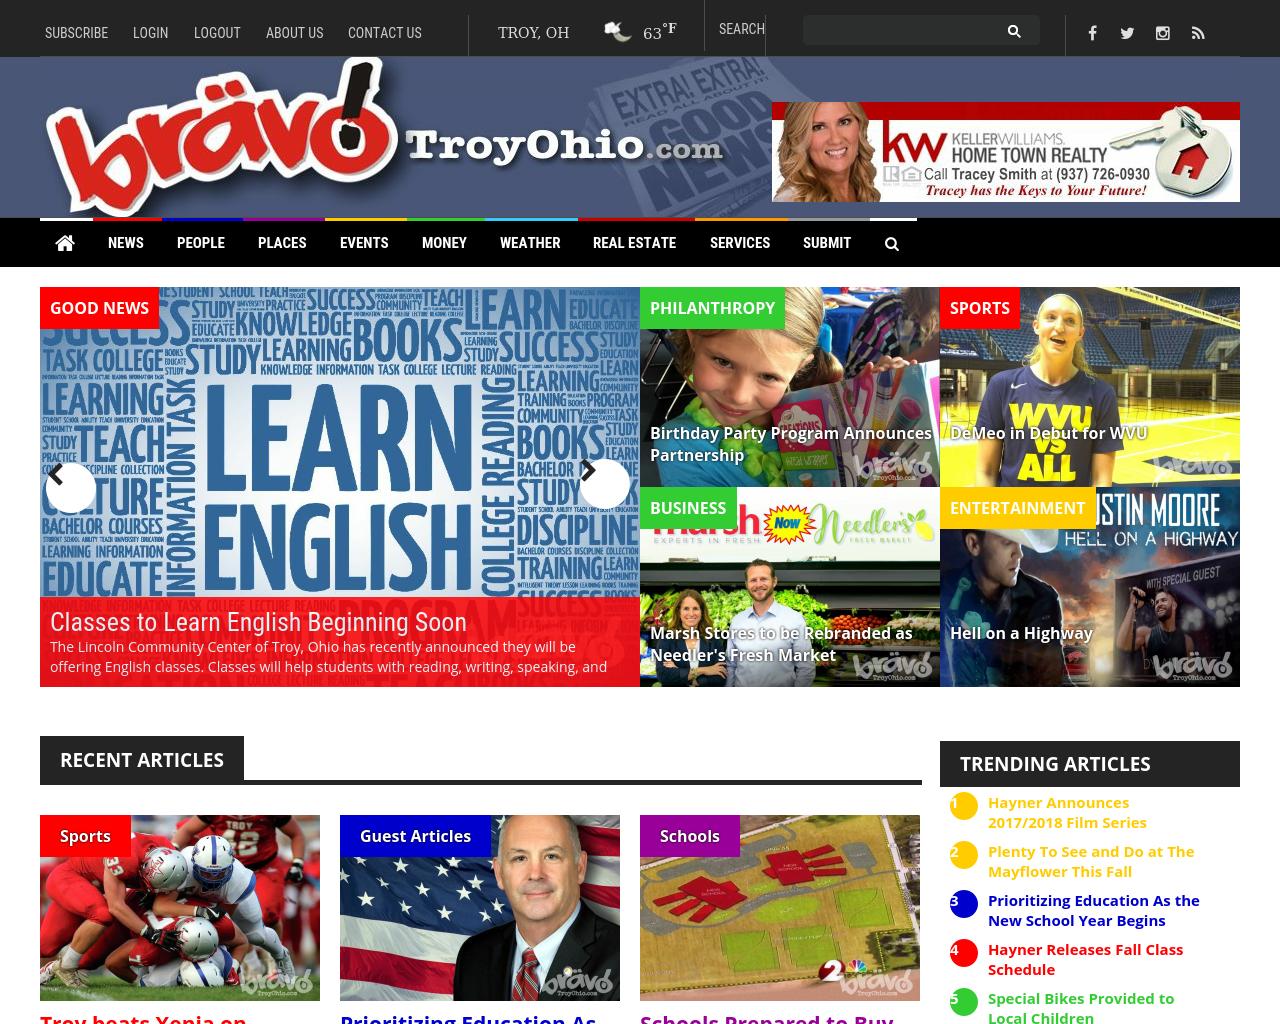 bravo-Troy,-Ohio-Advertising-Reviews-Pricing